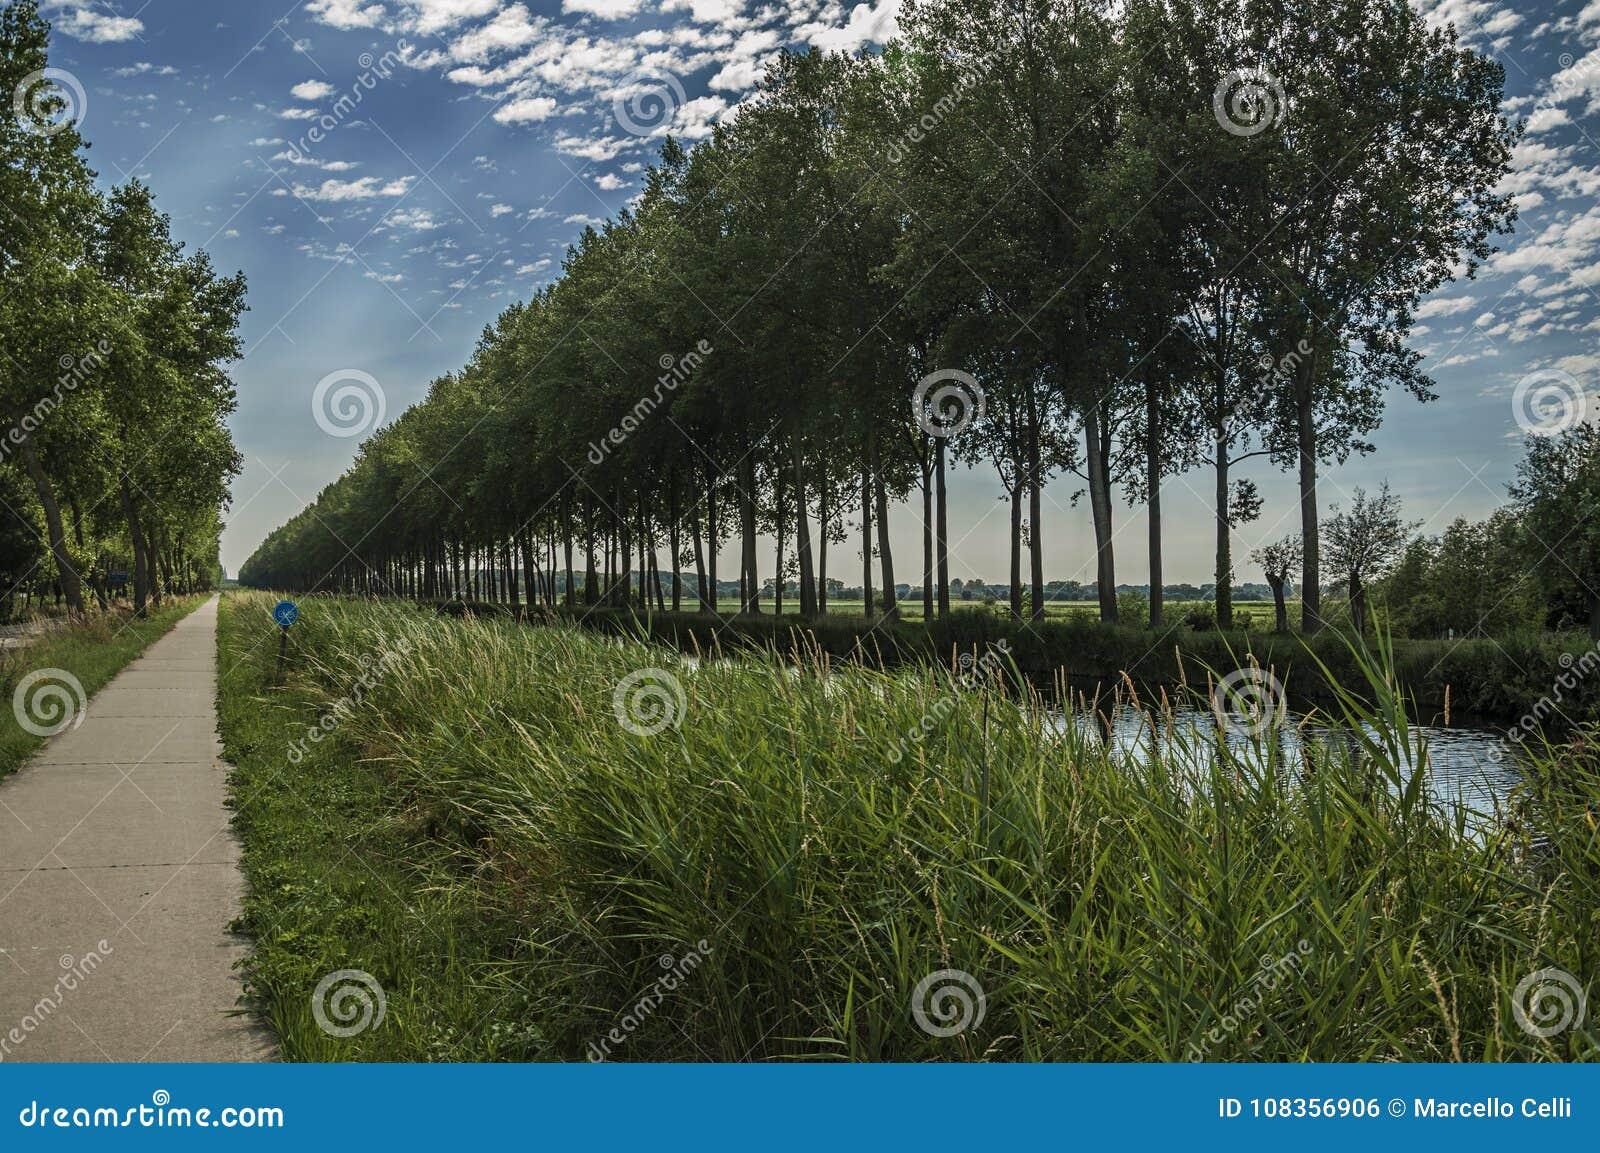 Väg och kanal med dungen och buskar längs den, i ljuset för sen eftermiddag och den blåa himlen, nära Damme